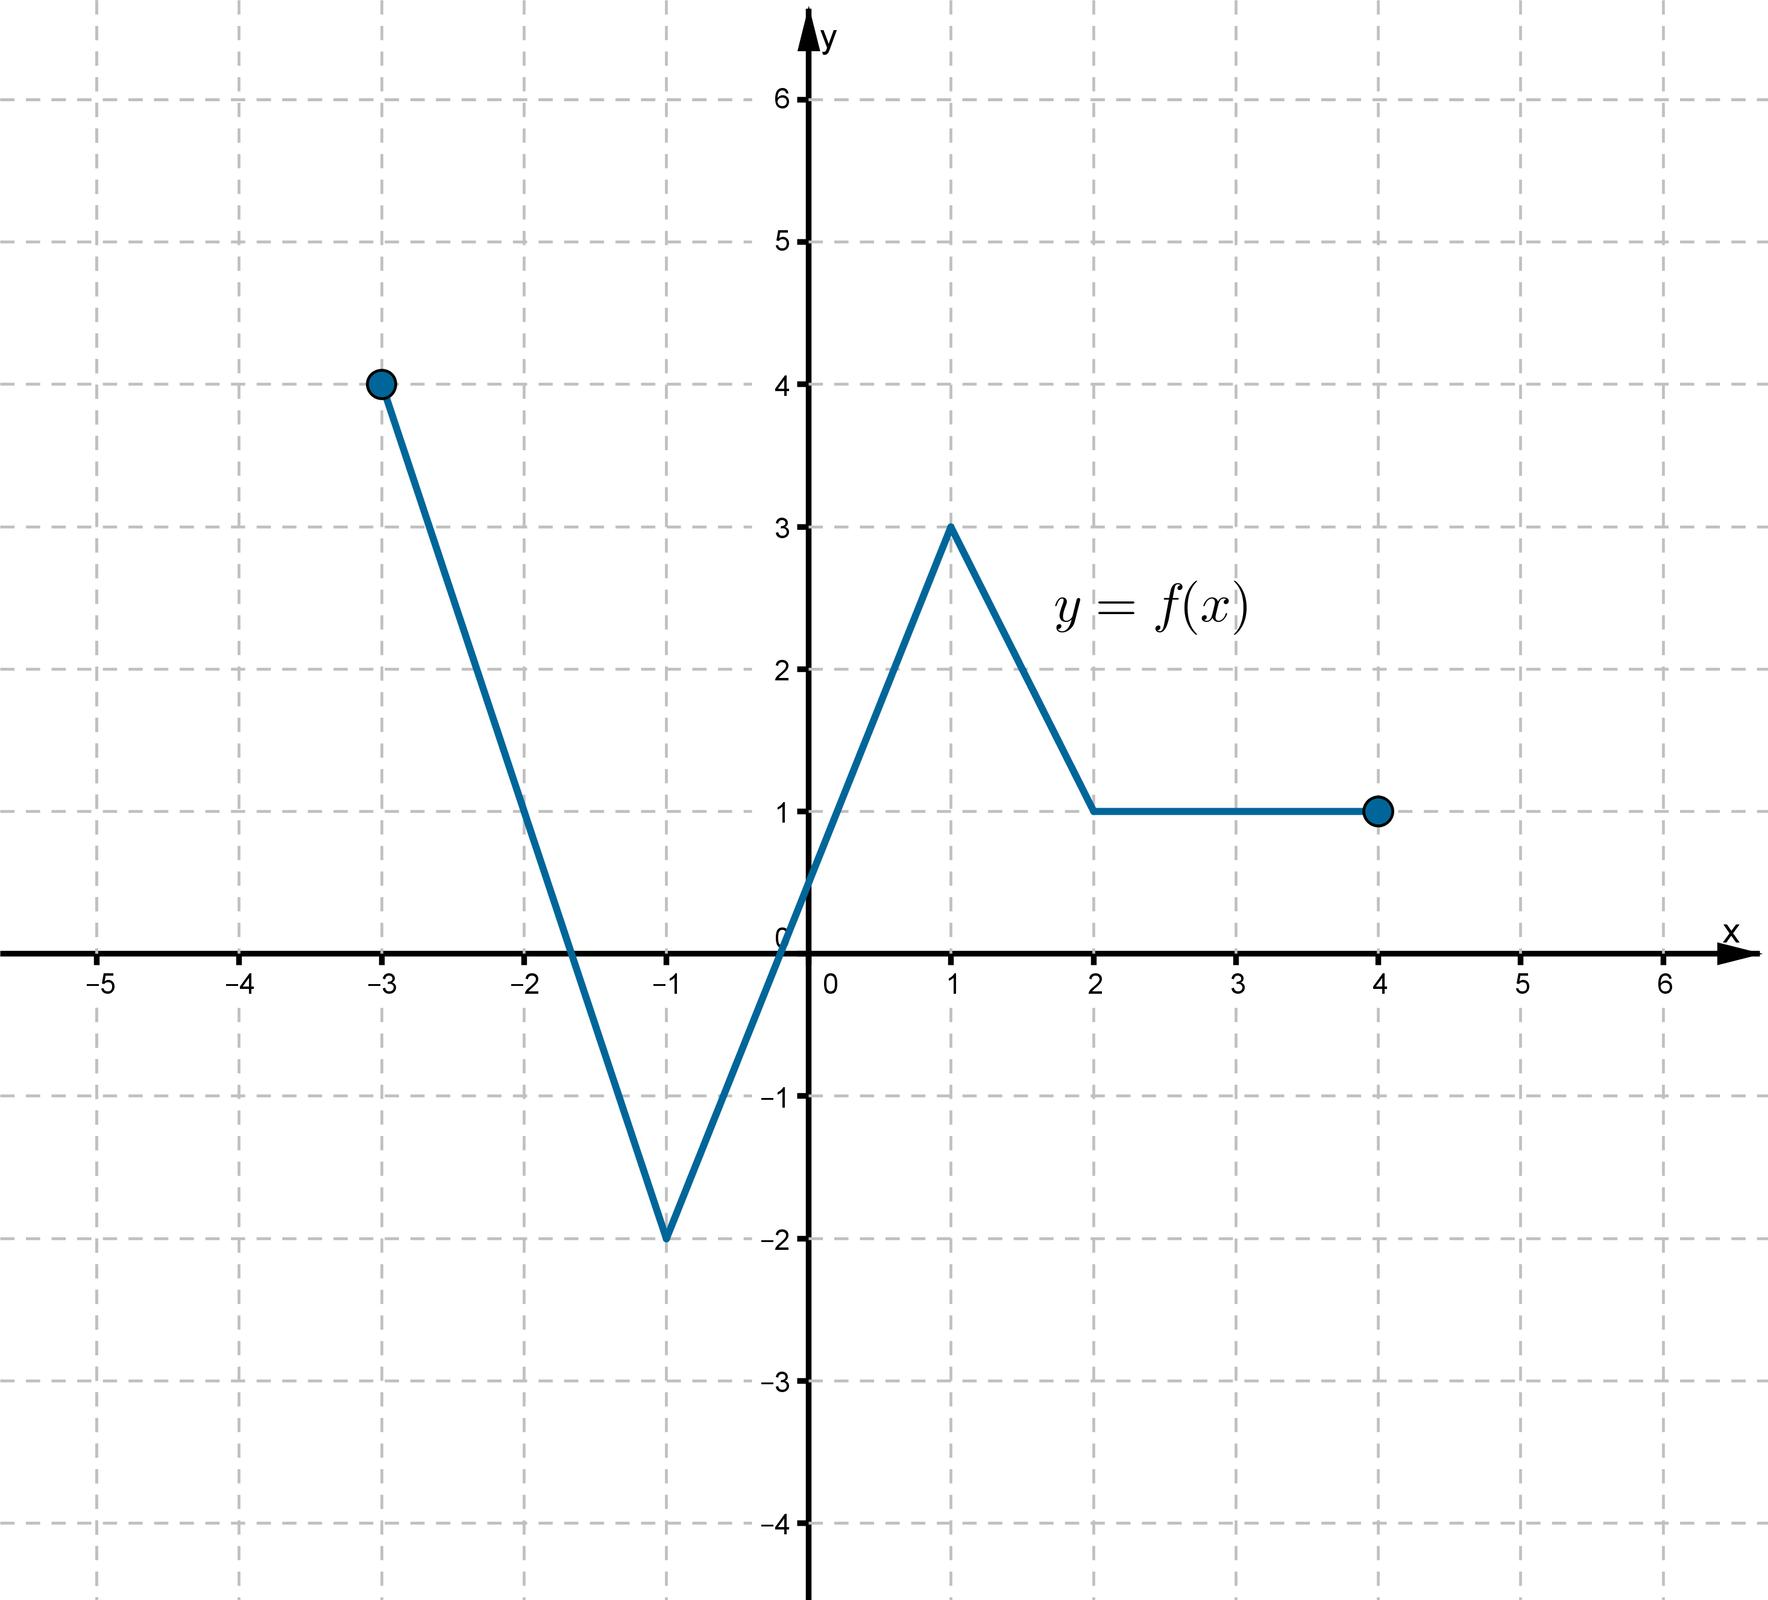 Wykres funkcji fwpostaci łamanej złożonej zczterech odcinków leżącej wpierwszej, drugiej itrzeciej ćwiartce układu współrzędnych.